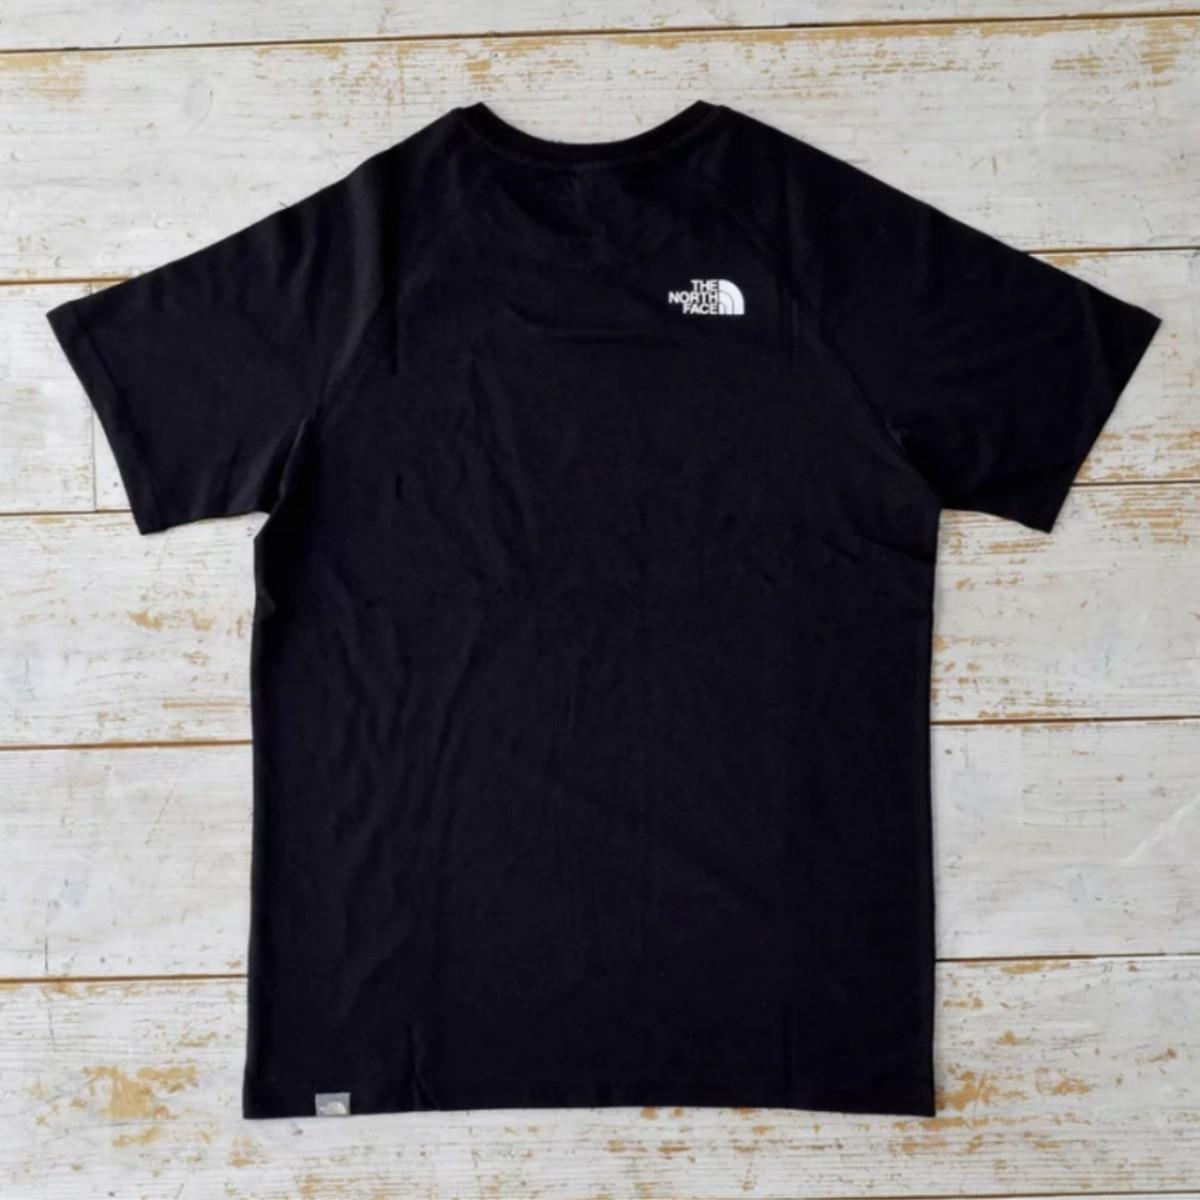 ノースフェイス THE NORTH FACE Tシャツ  ラグラン Tシャツ  ザノースフェイス 黒